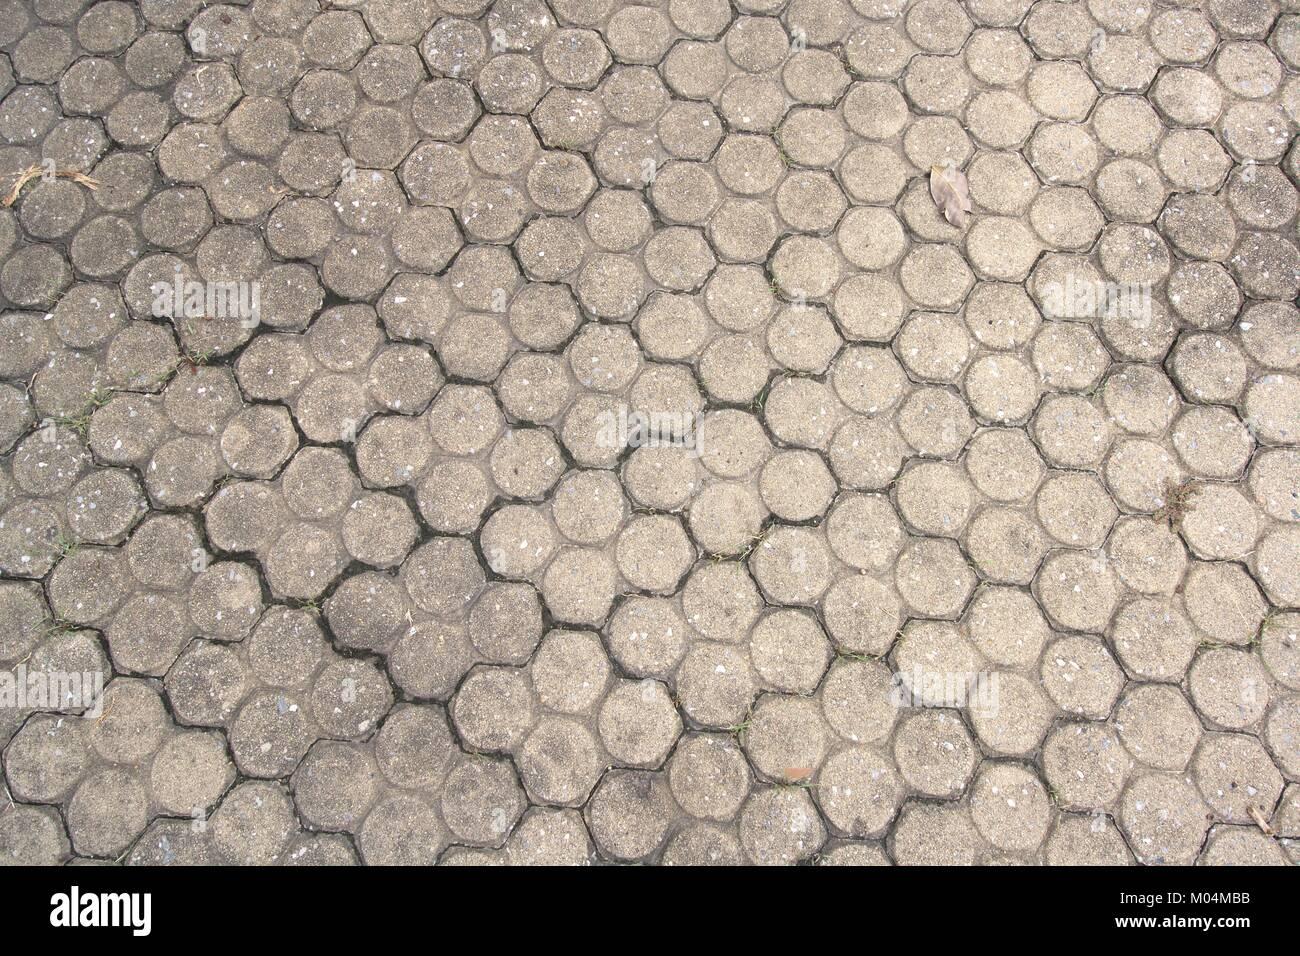 Fußboden Aus Ziegel ~ Gemusterte fliesen zement ziegel fußboden hintergrund stockfoto